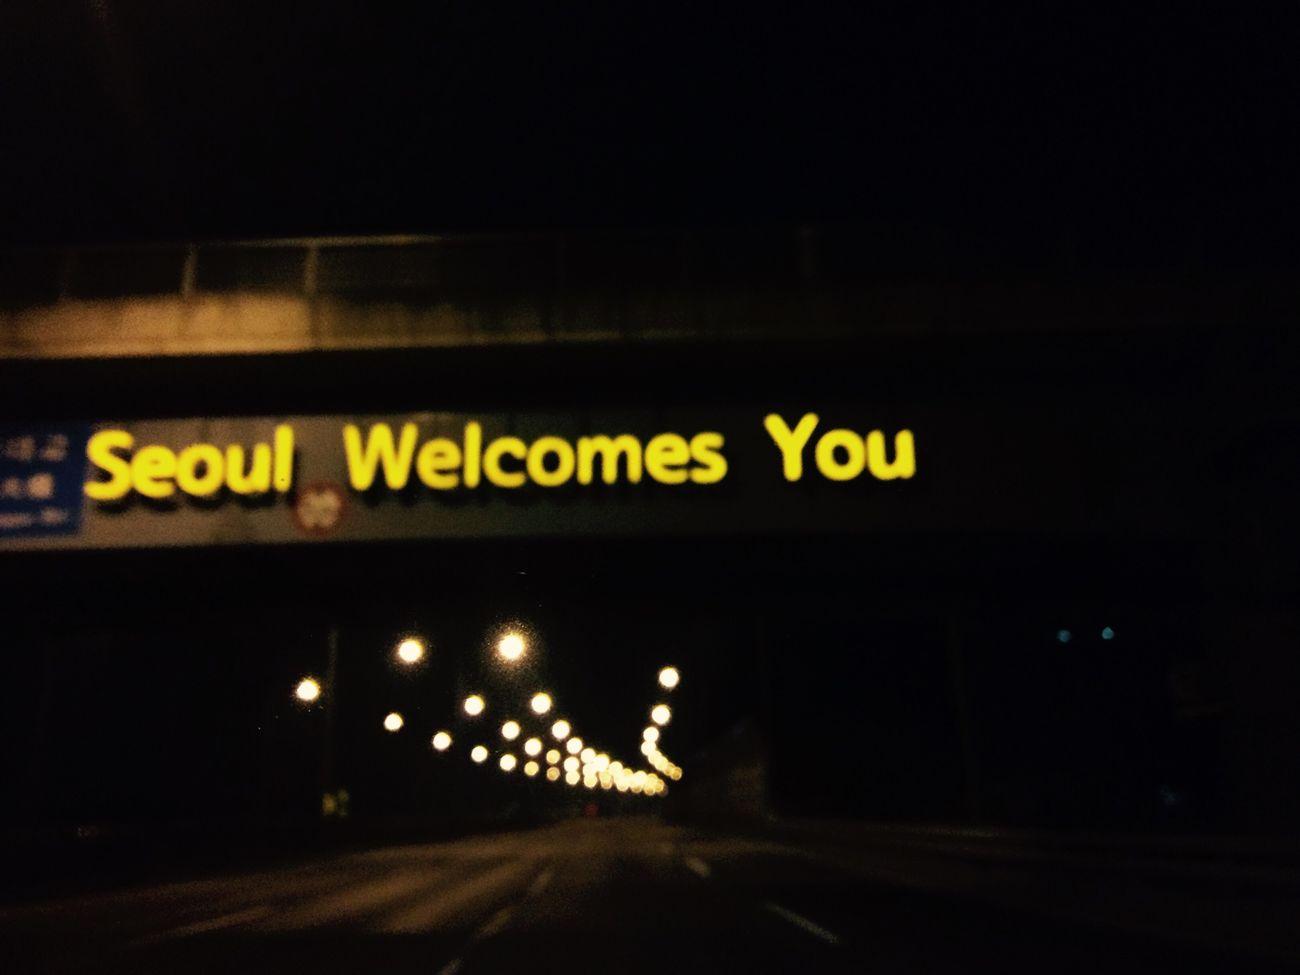 S.E.O.U.L Seoul